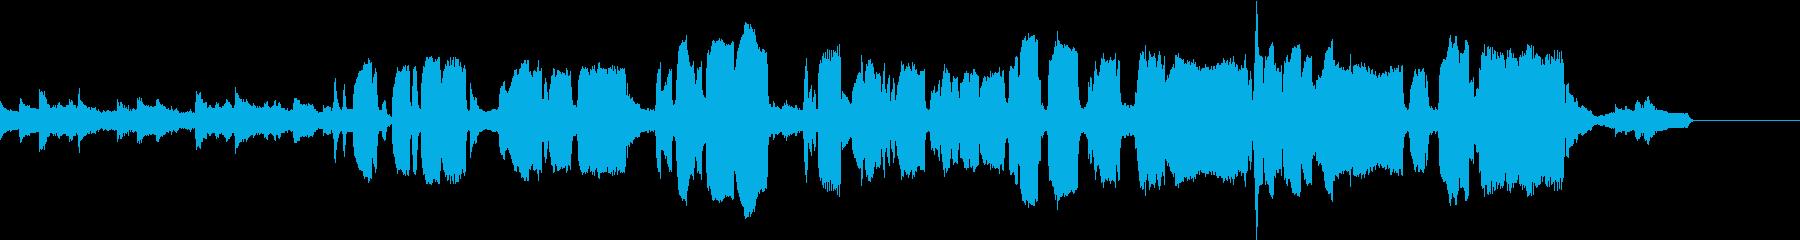 二本のフルートによる癒しのナンバーの再生済みの波形